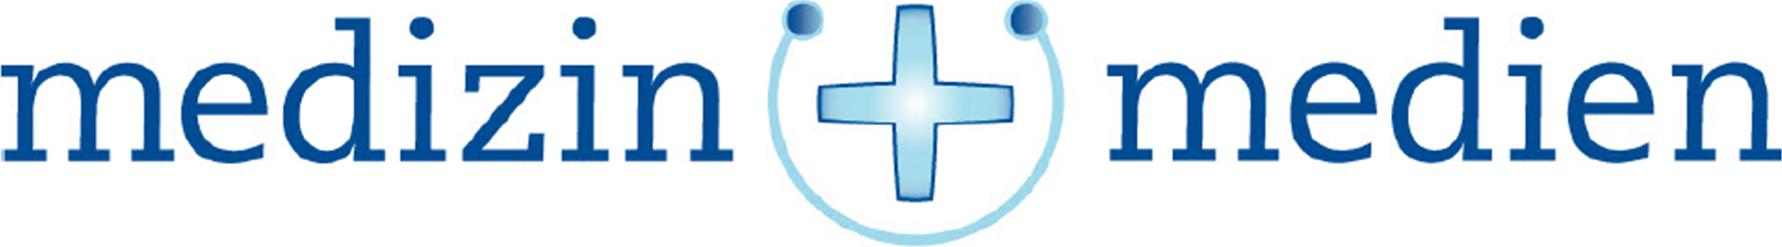 logo mm verlag transparent